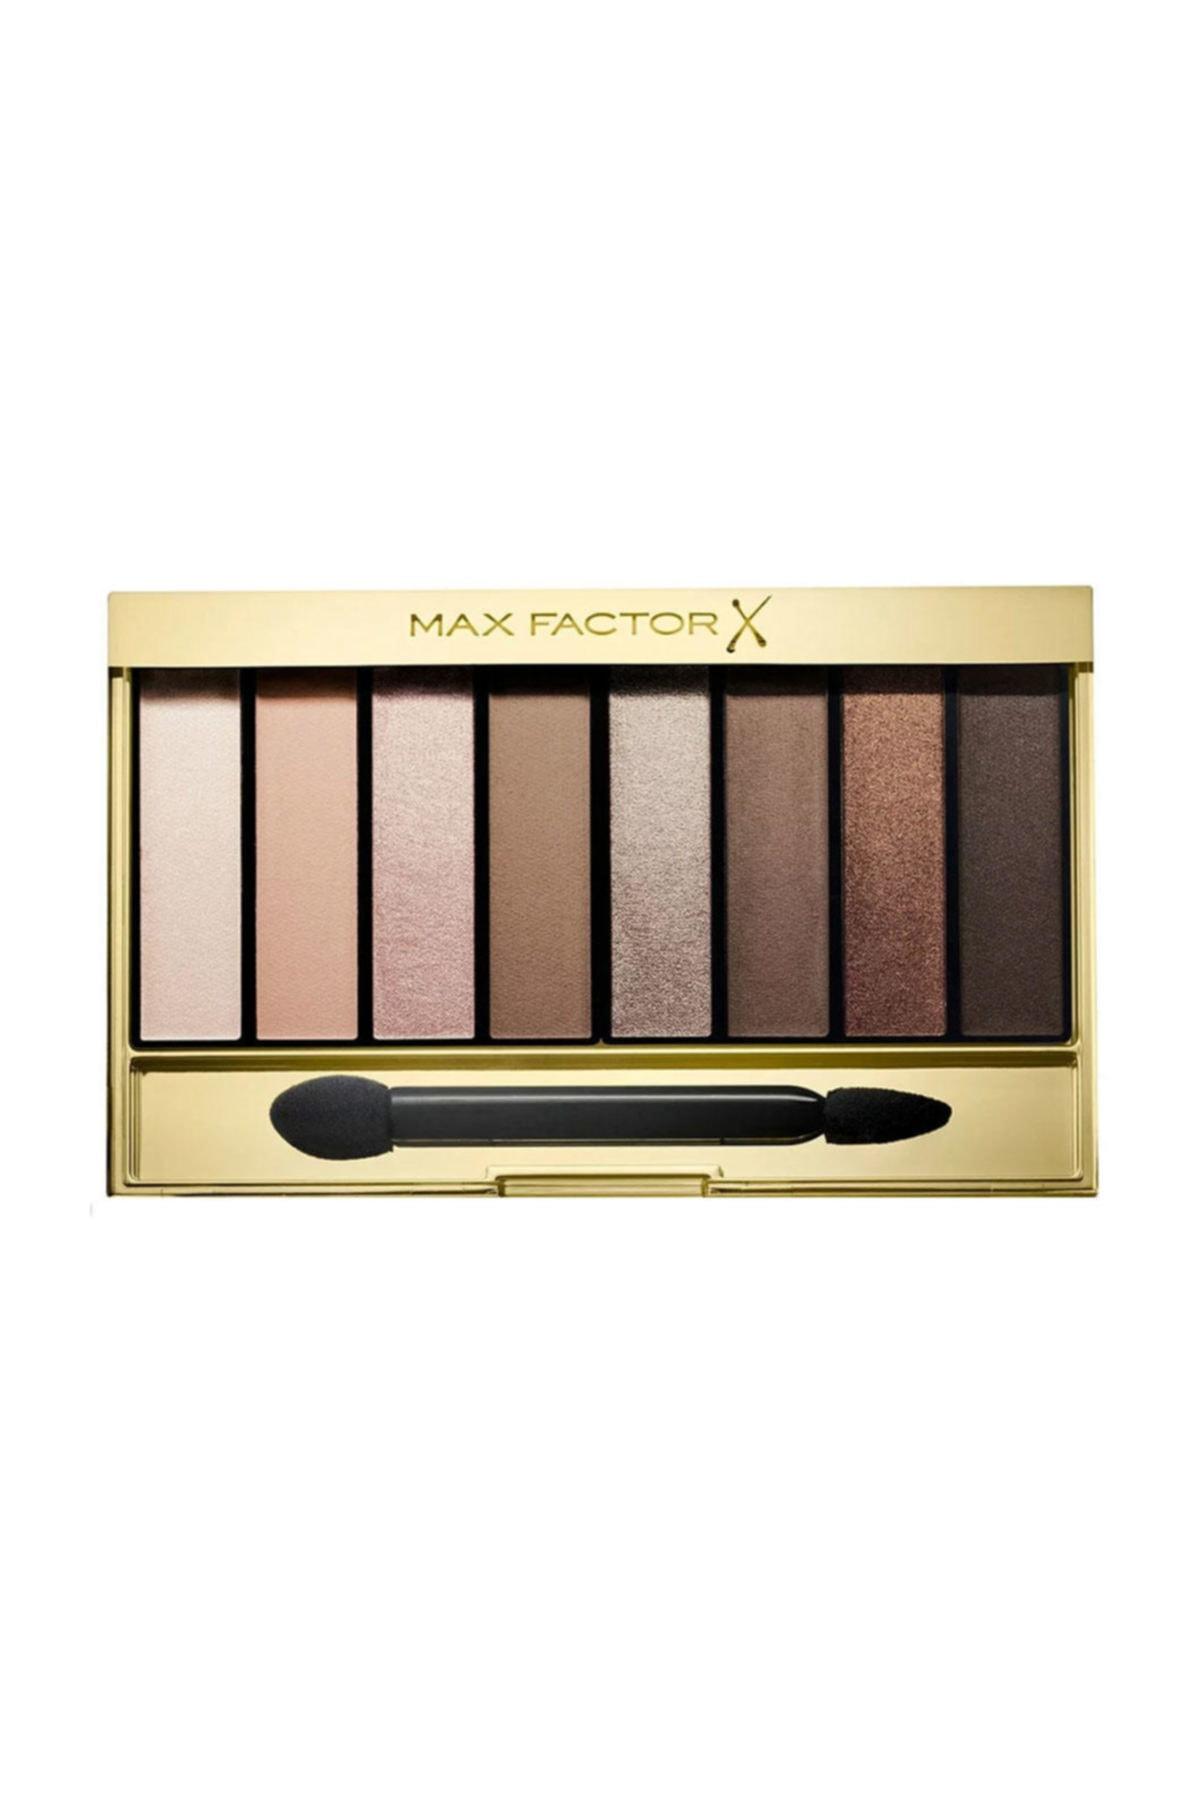 Max Factor Göz Farı - Masterpiece Nude Palette 01 Cappucino Nudes 3614226732378 1